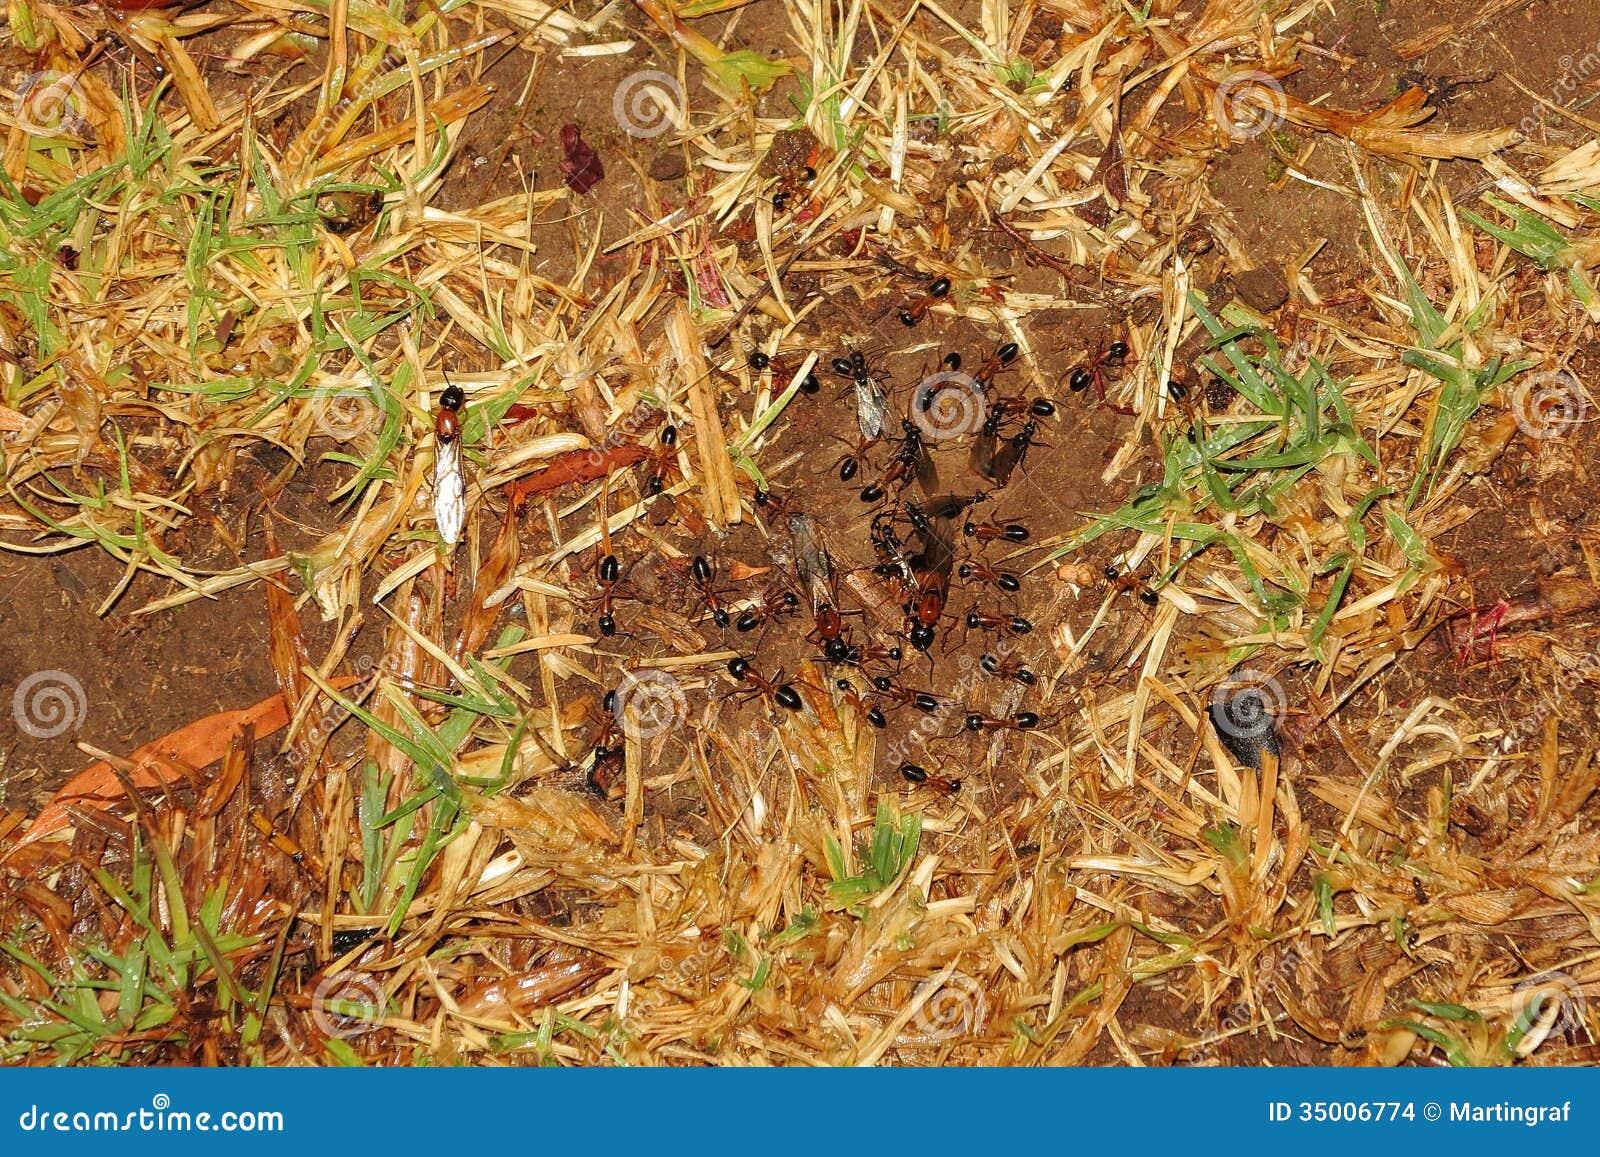 Ameisenhochzeitsflug